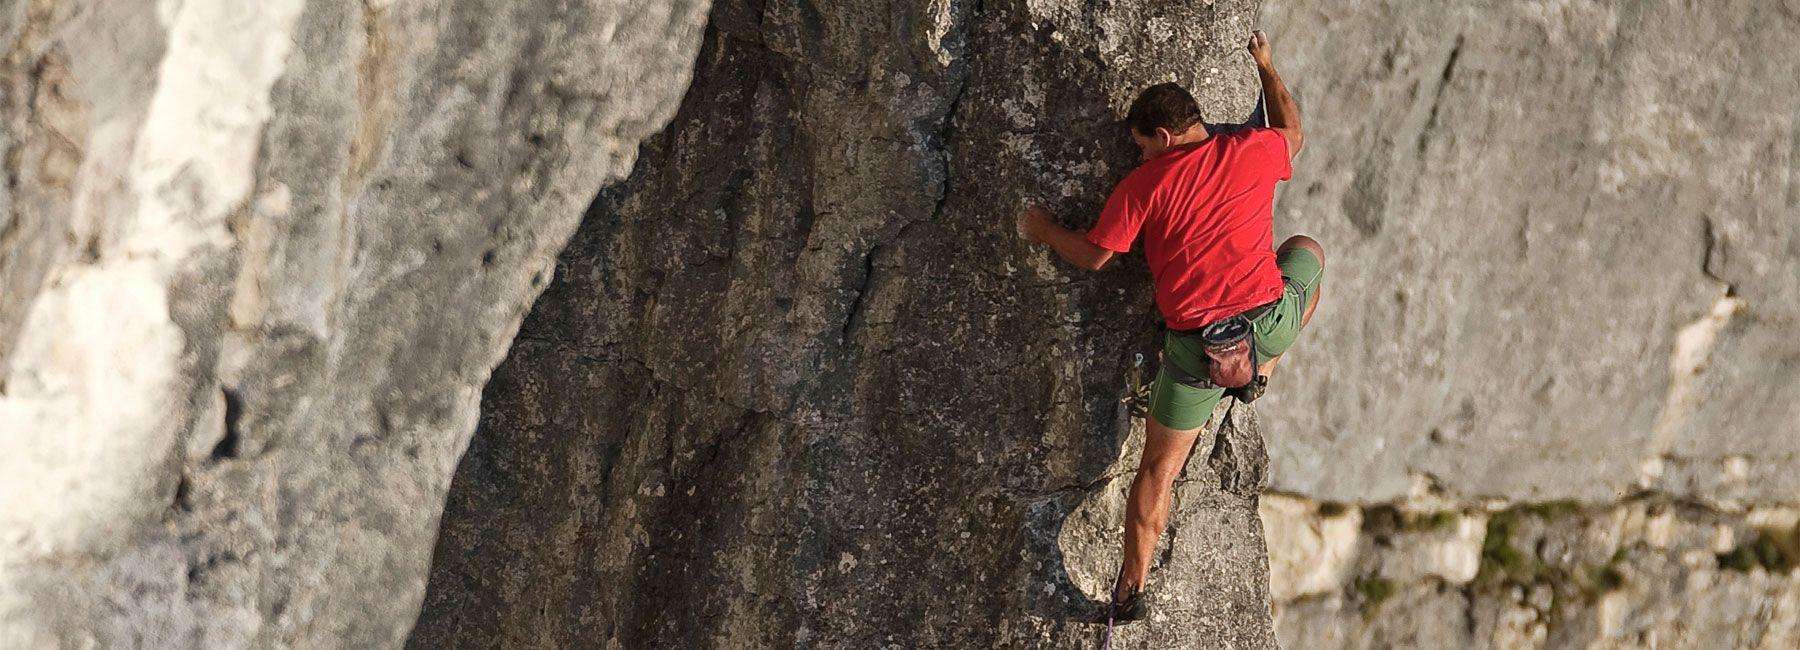 Klettern in Waidring